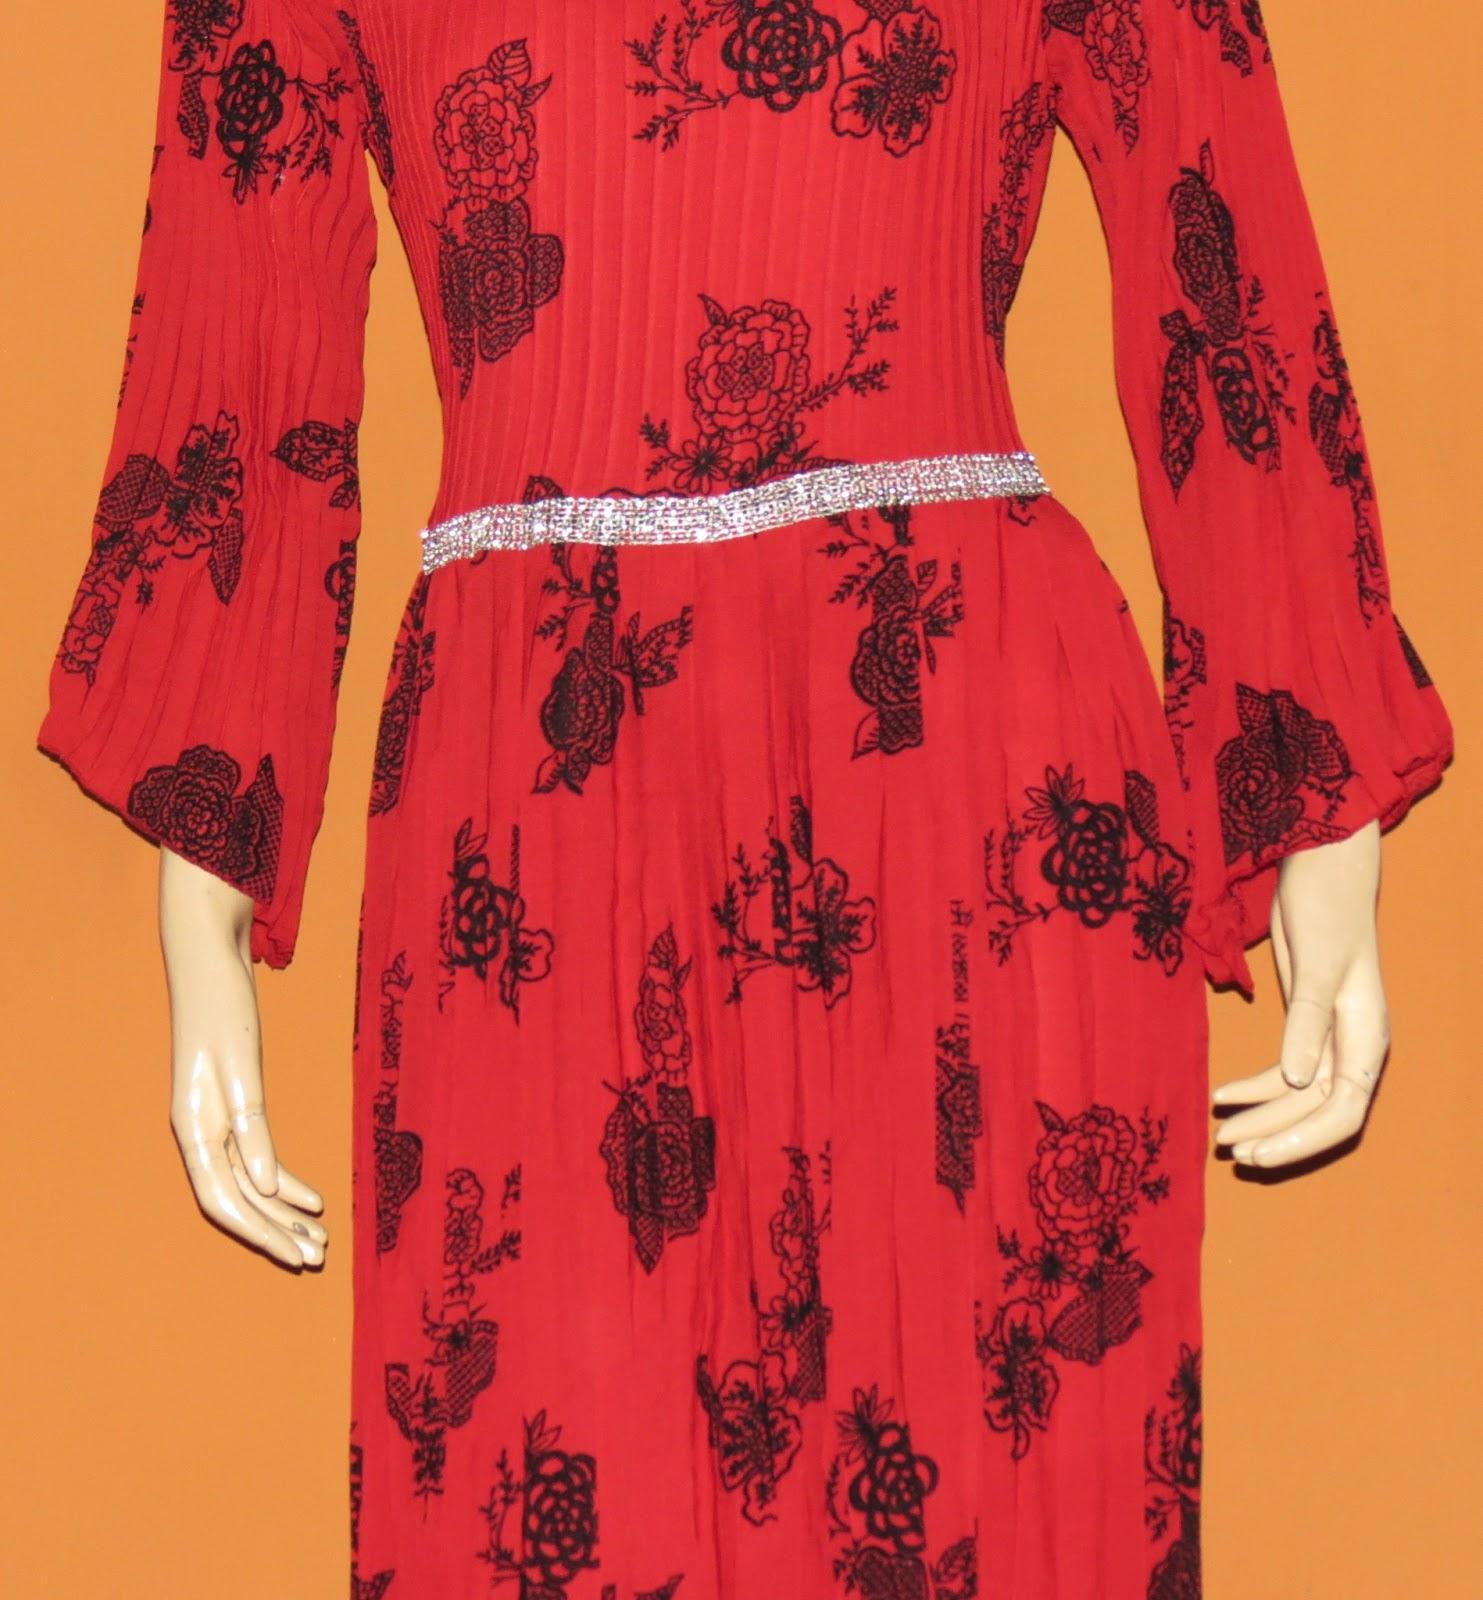 Grosir baju muslim murah online tanah abang gamis plisket Baju gamis couple tanah abang